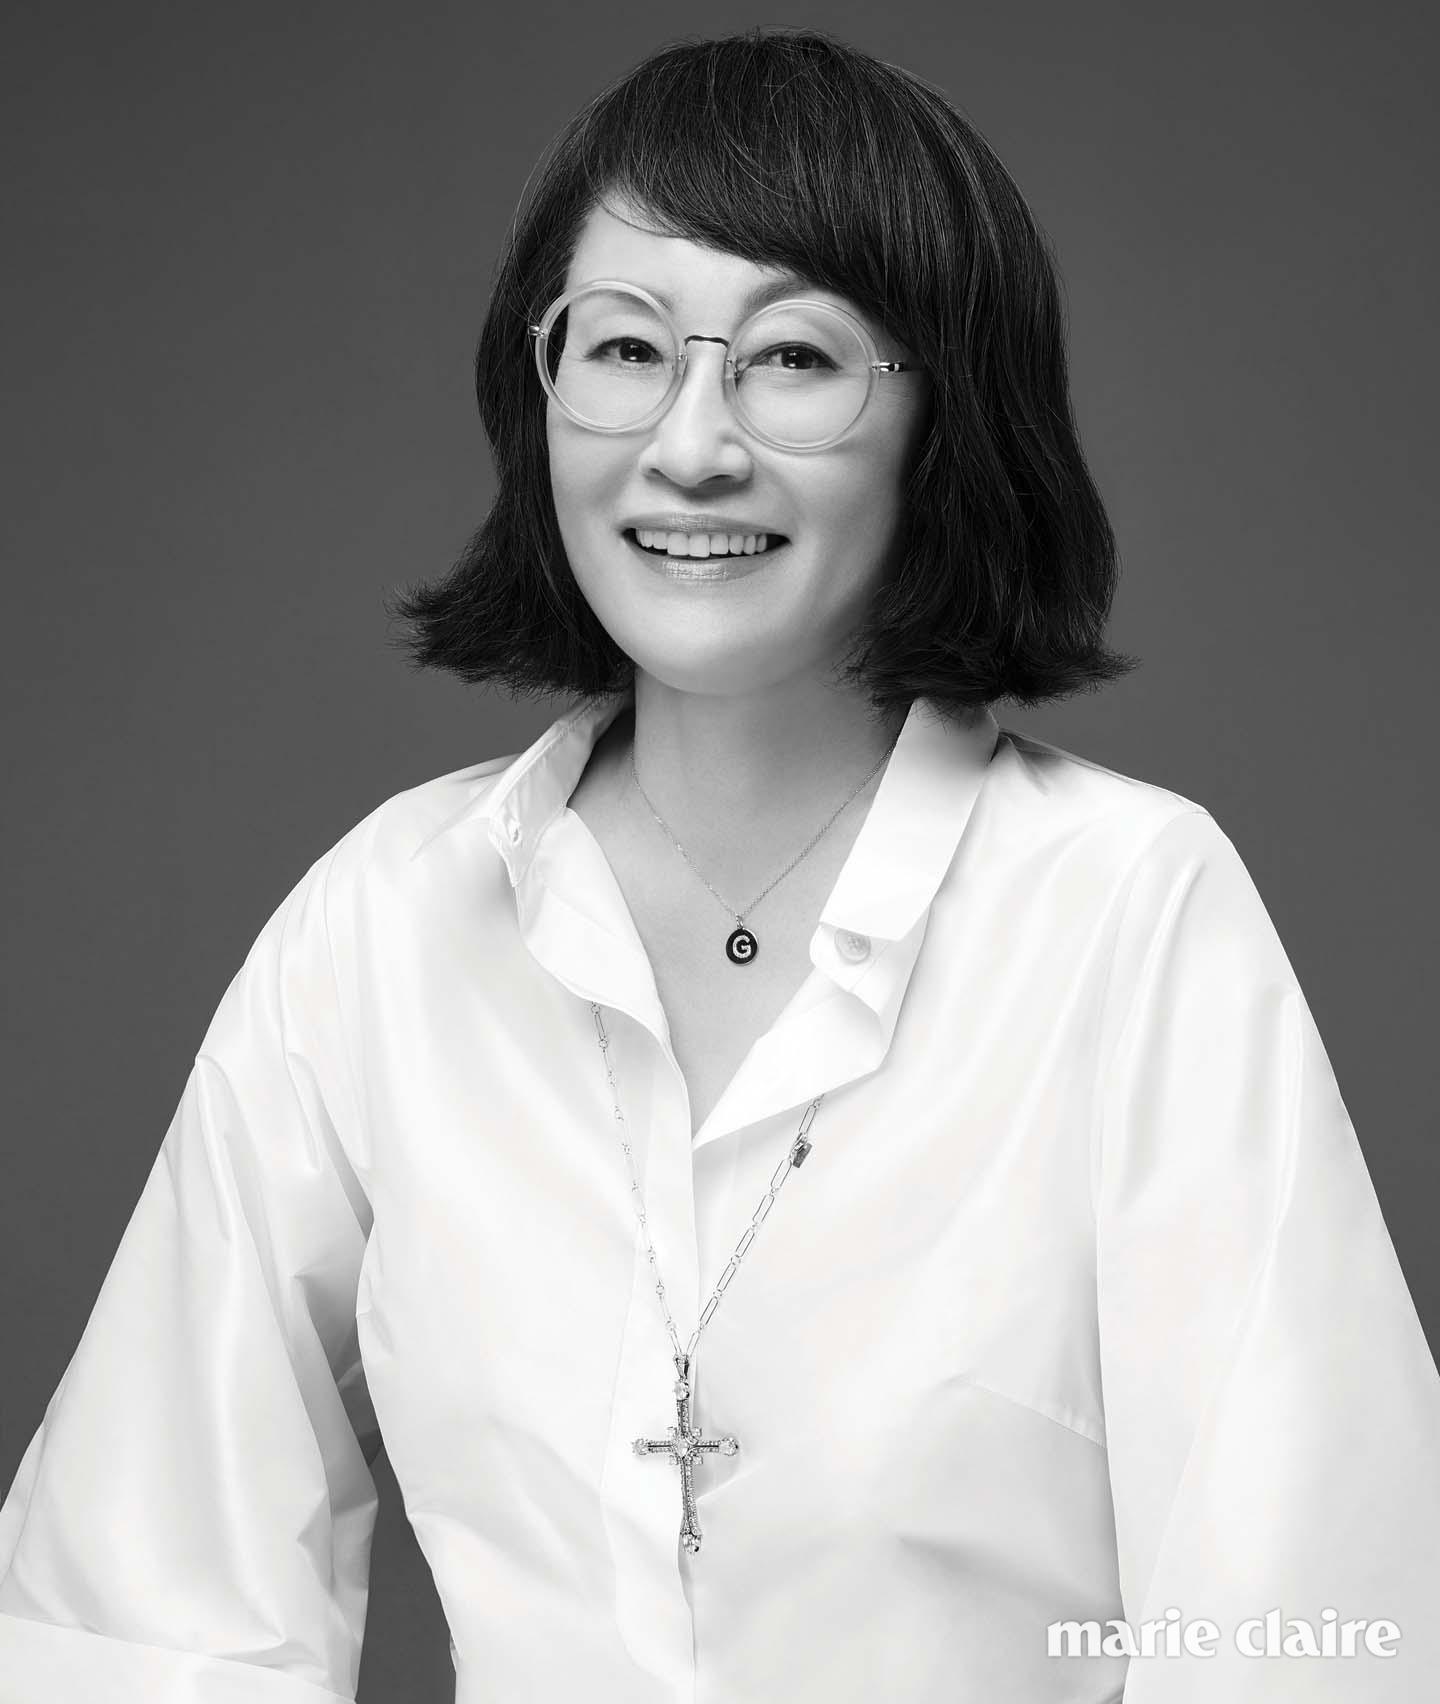 디자이너 지춘희